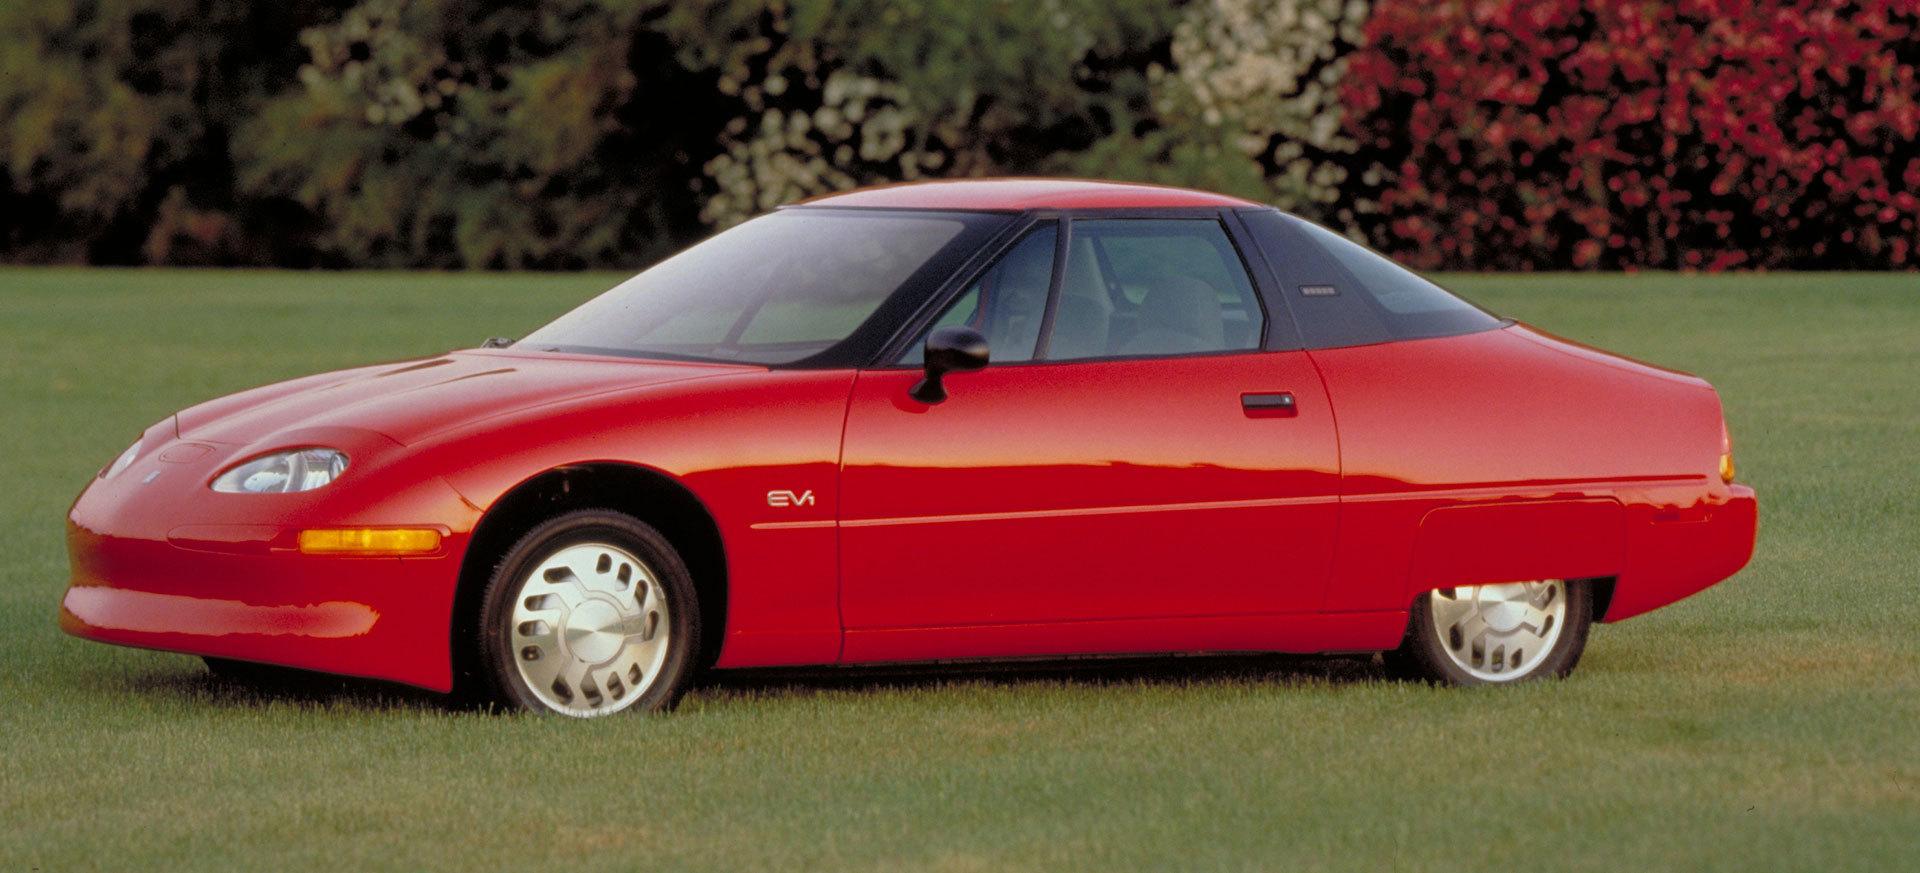 15 años sin el General Motors EV1, la desaparición del coche eléctrico que  hizo que Elon Musk fundara Tesla | Diariomotor